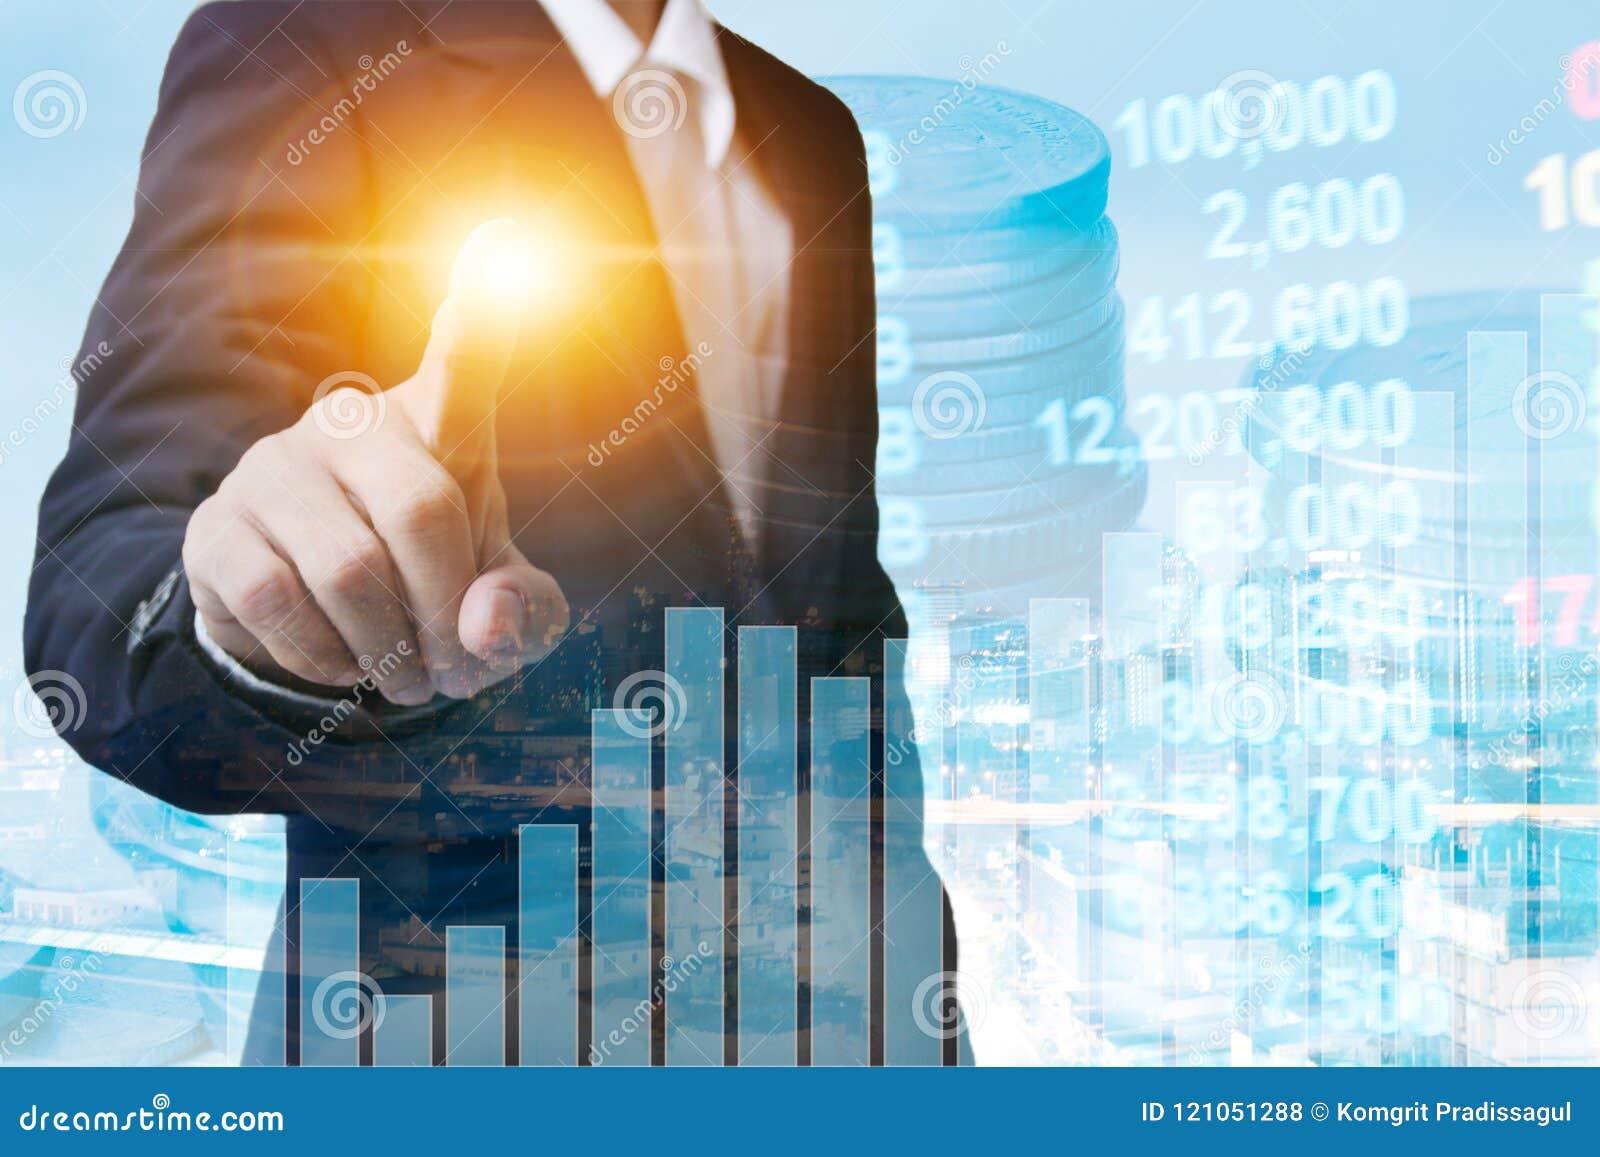 Geschäftsideen und Wettbewerbs- und Strategieplan